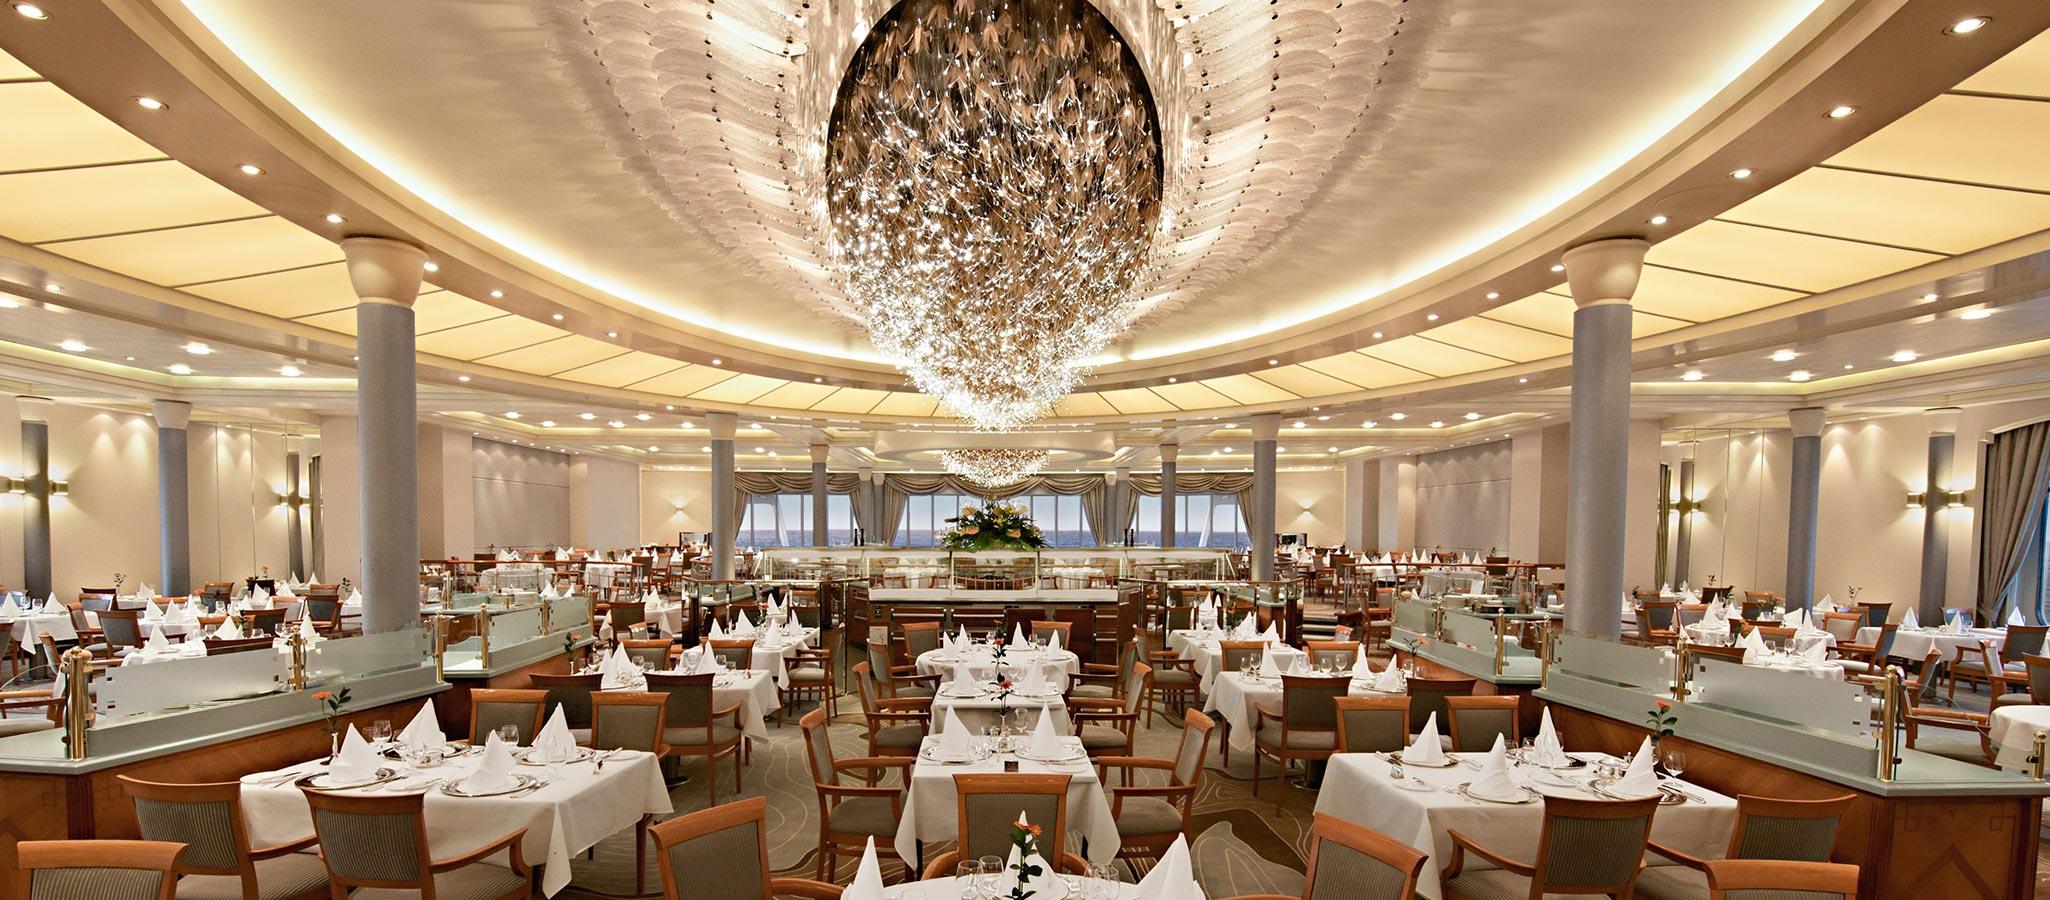 Ob für Gala- oder Captains-Dinner: Die Restaurants in dieser Schiffsgröße fassen meist die maximale Gästekapazität.